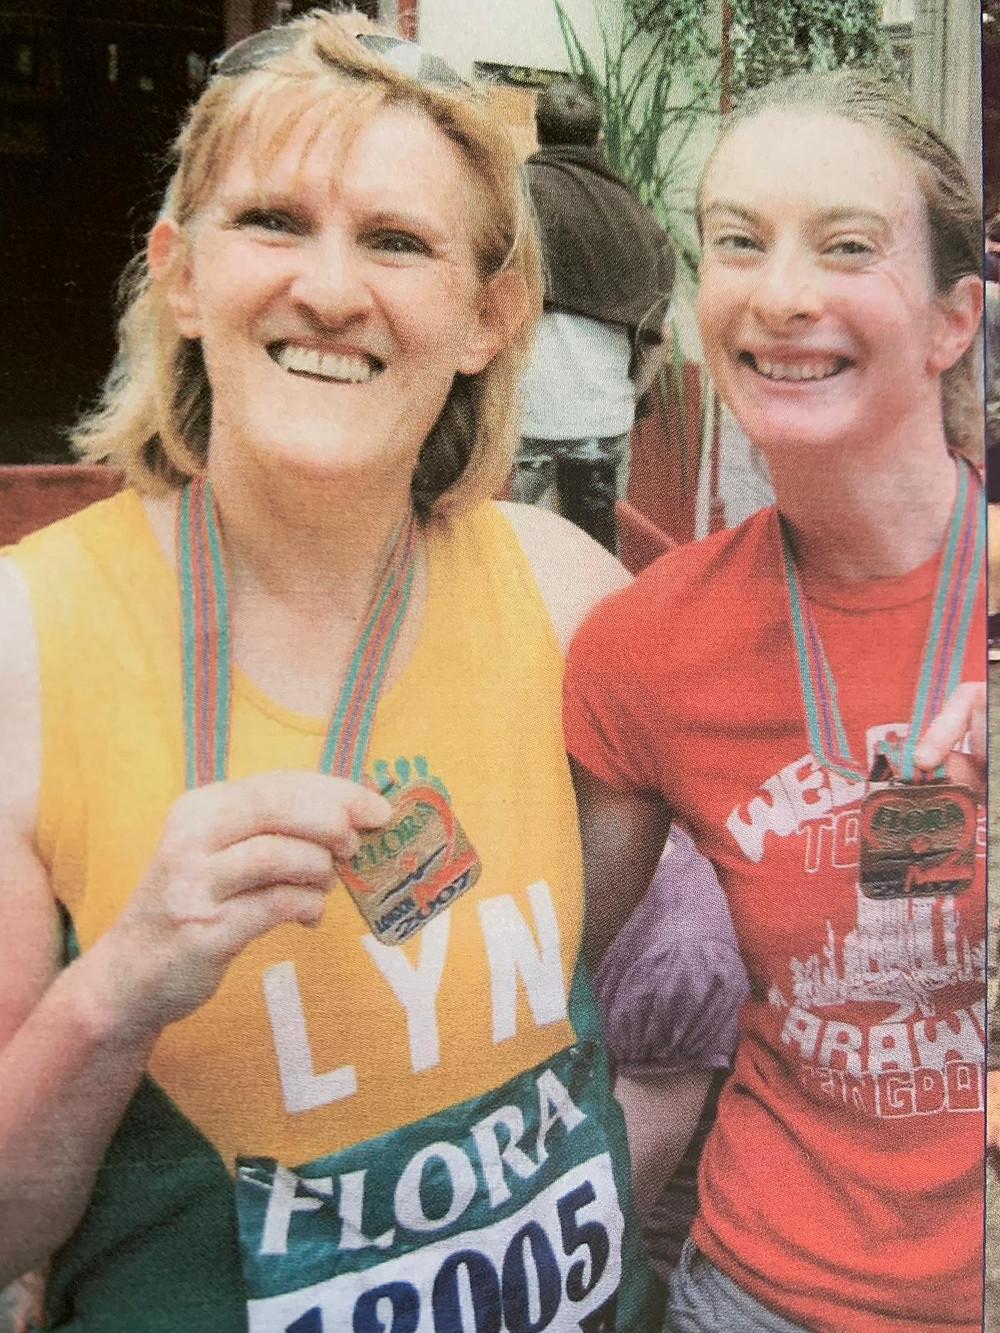 Eleanor and her mum running the London Marathon in 2017